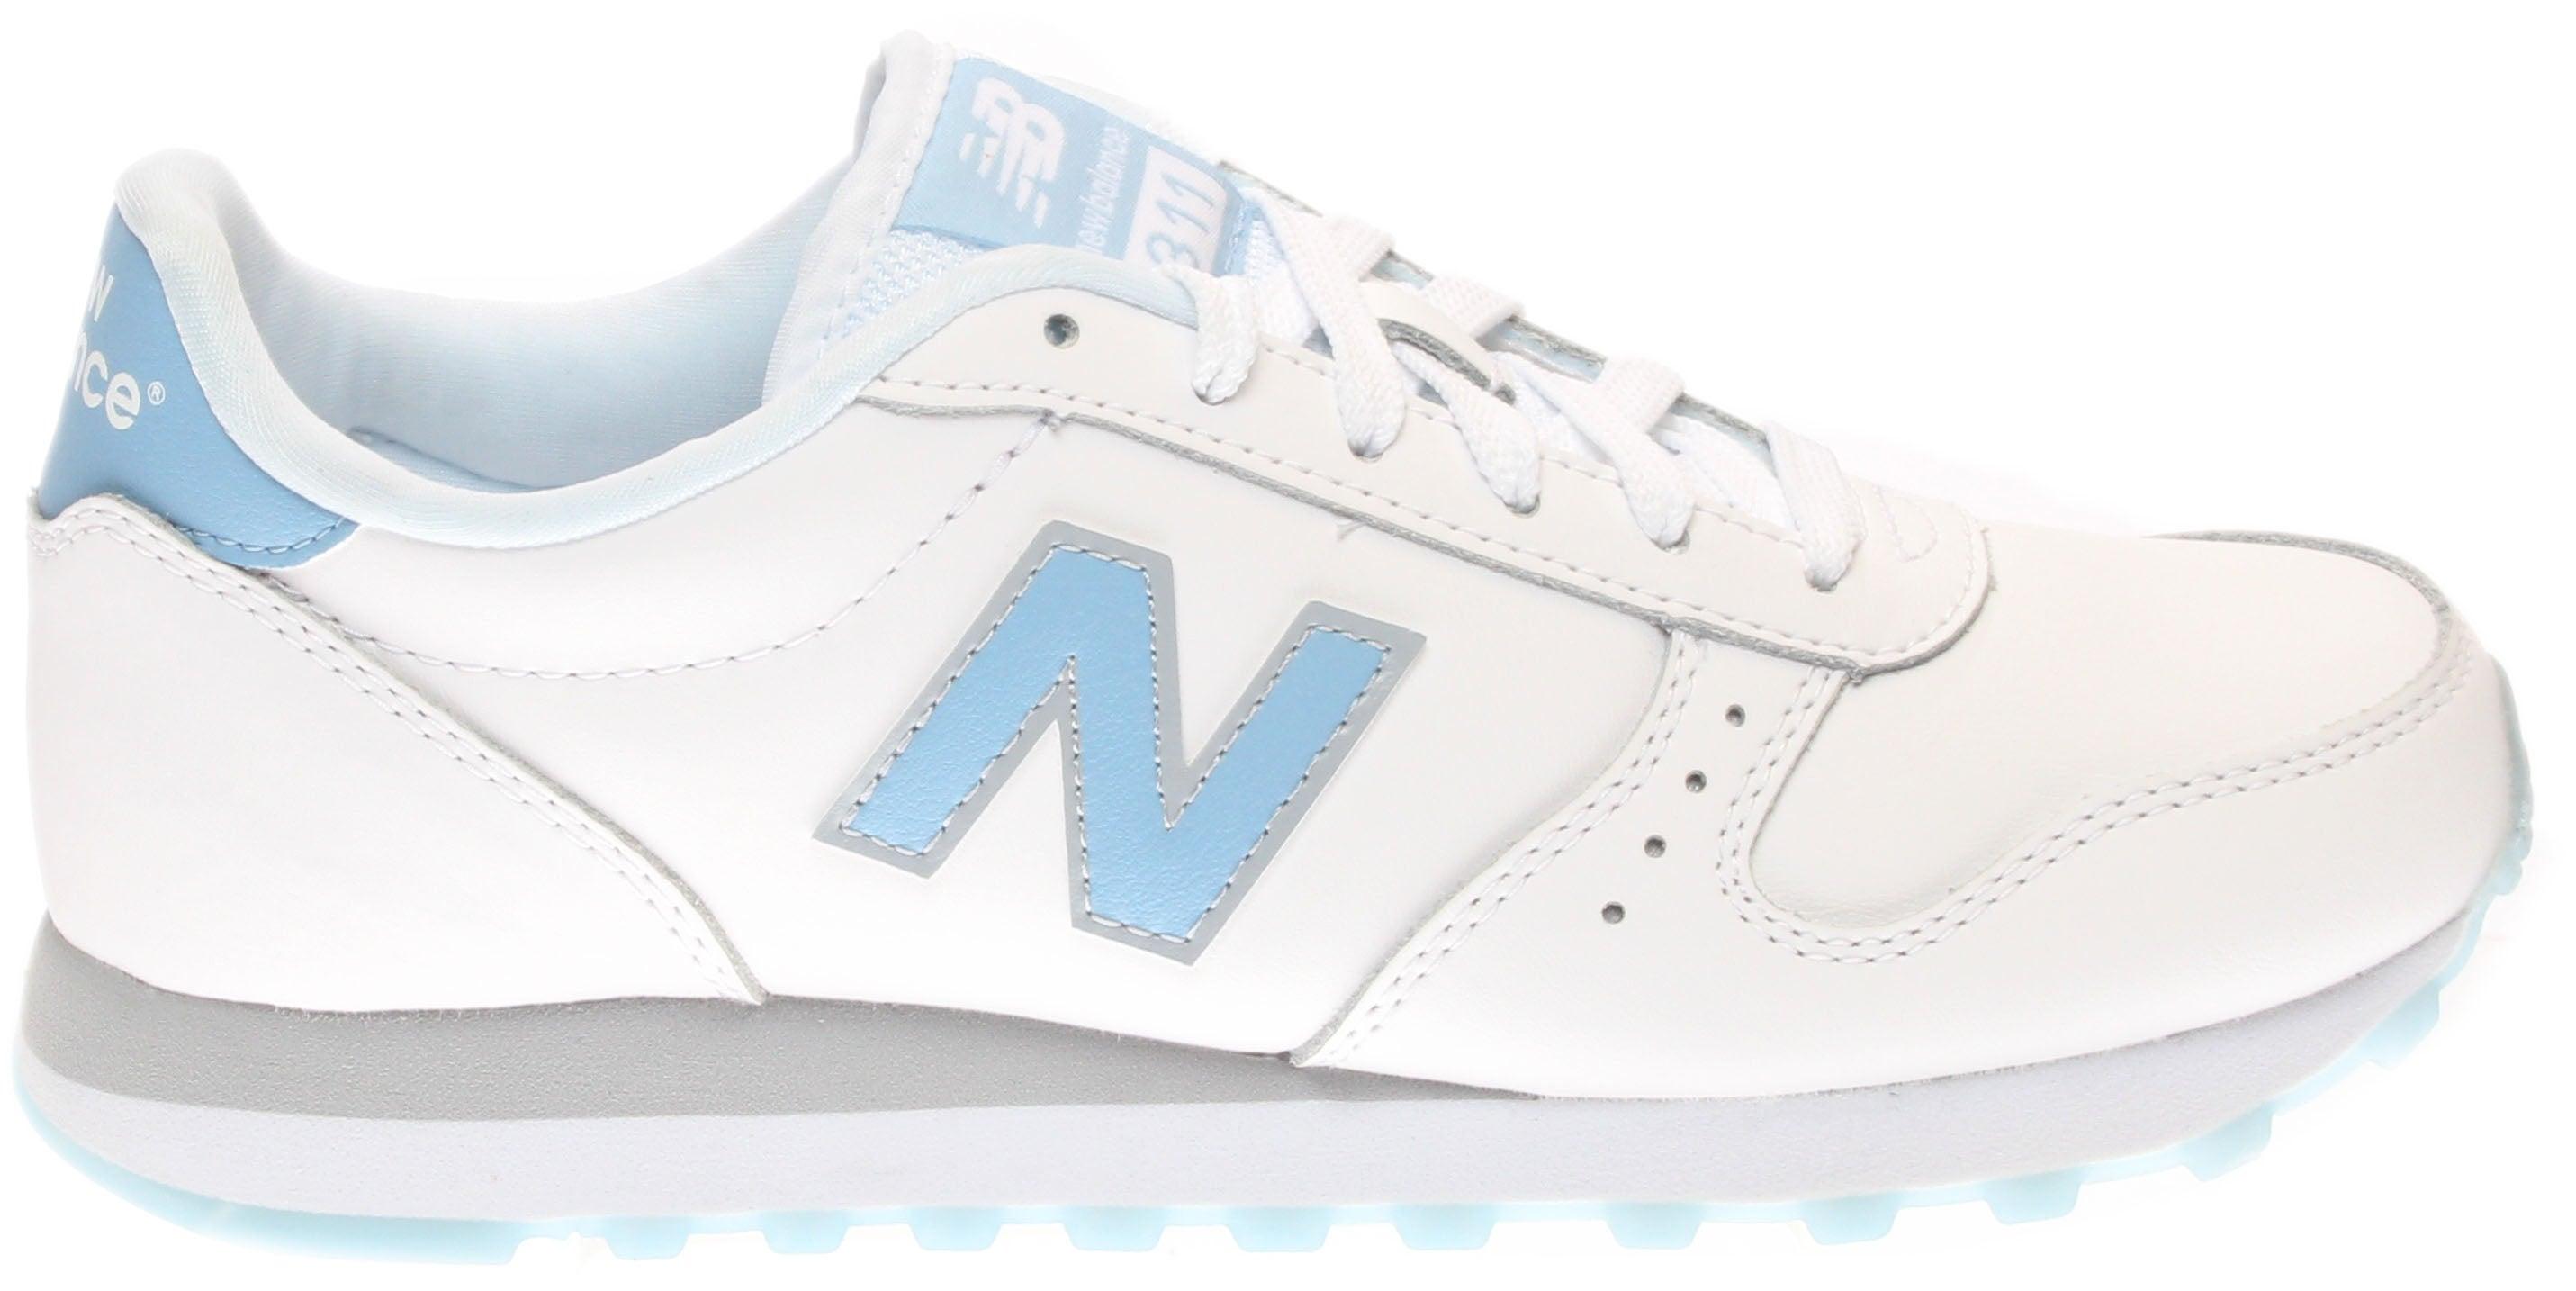 New Balance 311 Modern Classics Blue;White - Womens  - Size 8